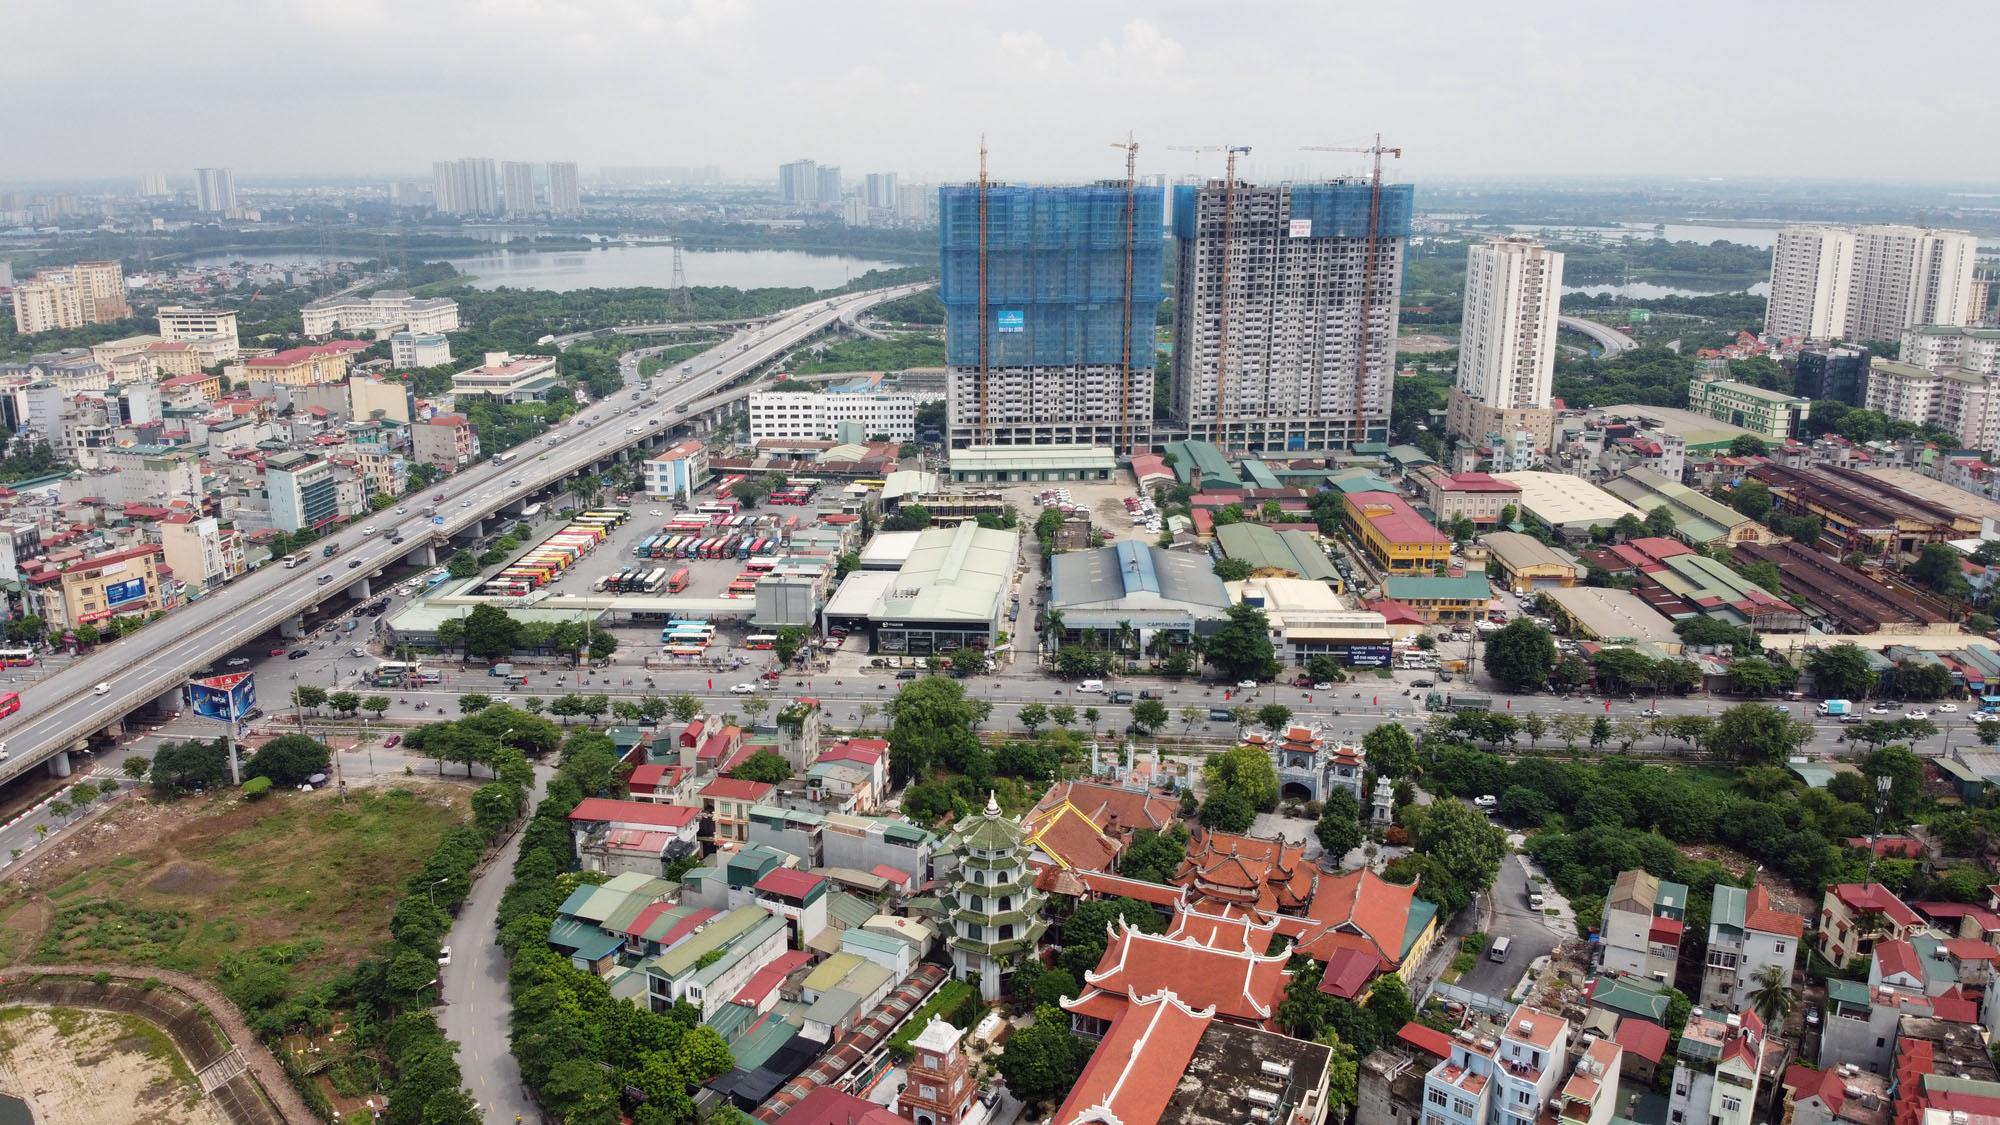 Dự án Phương Đông Green Park đang mở bán: Gần hai hồ điều hòa lớn, giá từ 26 triệu đồng/m2 - Ảnh 3.